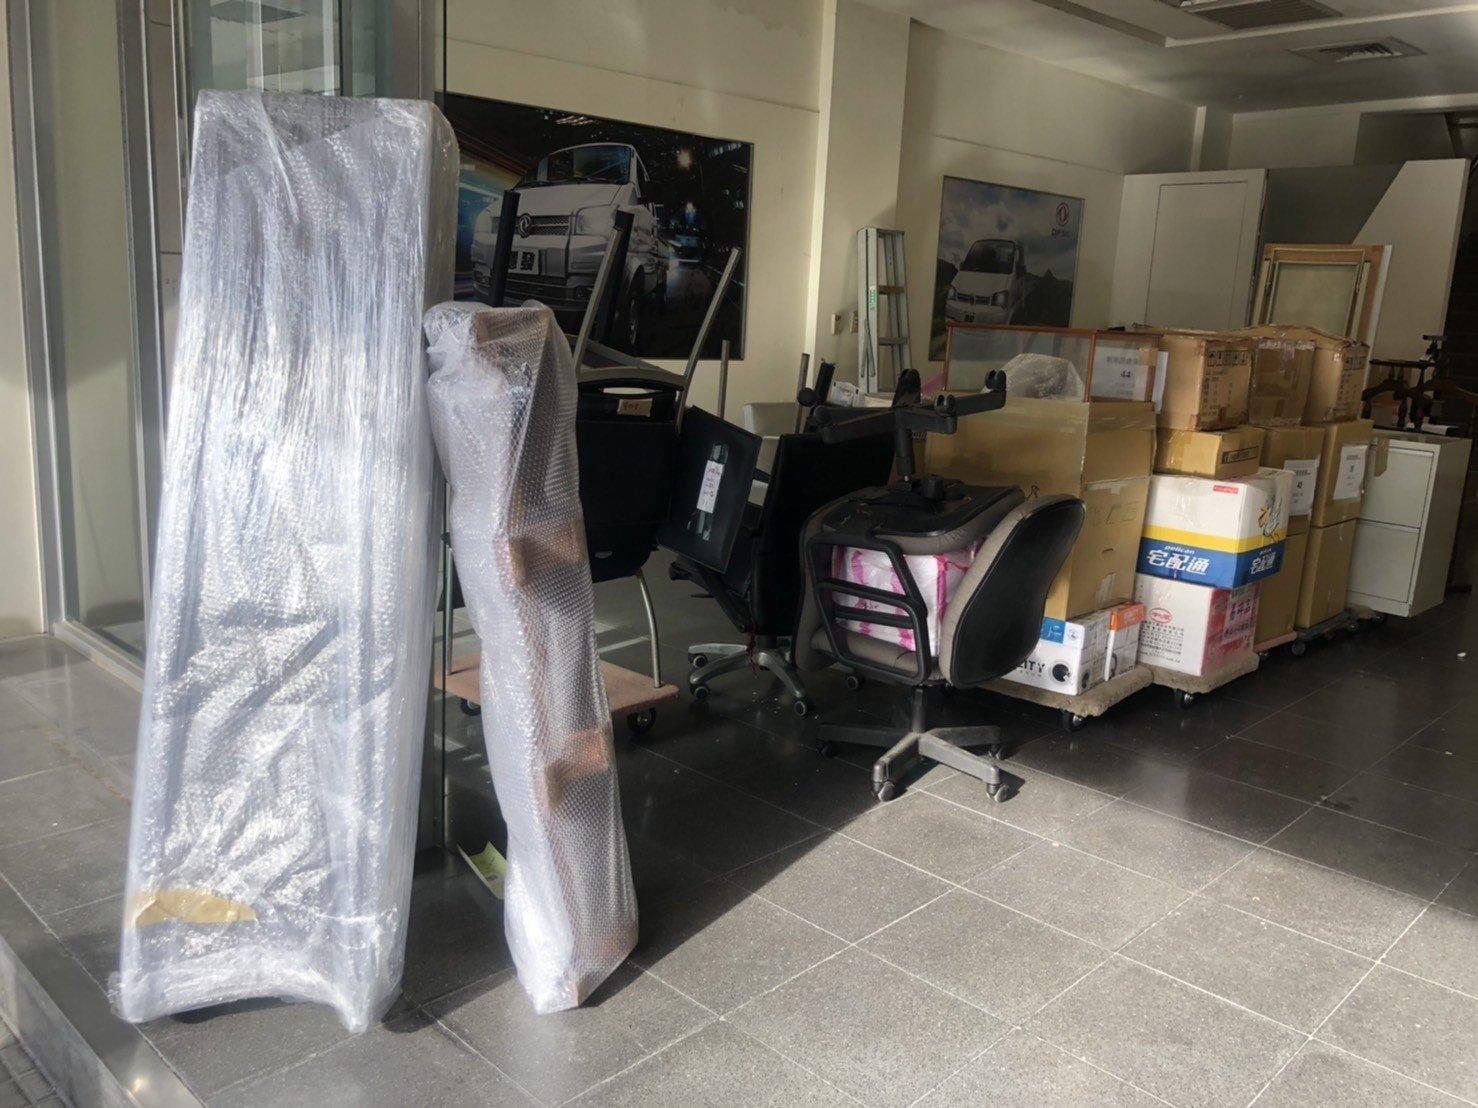 搬家【榮福搬家公司】搬家首選、台北搬家公司推薦:公司行搬遷服務,包裝搬運、打包裝箱「細膩包裝、專業搬運、用心服務、以客為尊」是榮福搬家公司的宗旨與精神。歡迎立即來電02-2651-2727專人服務。